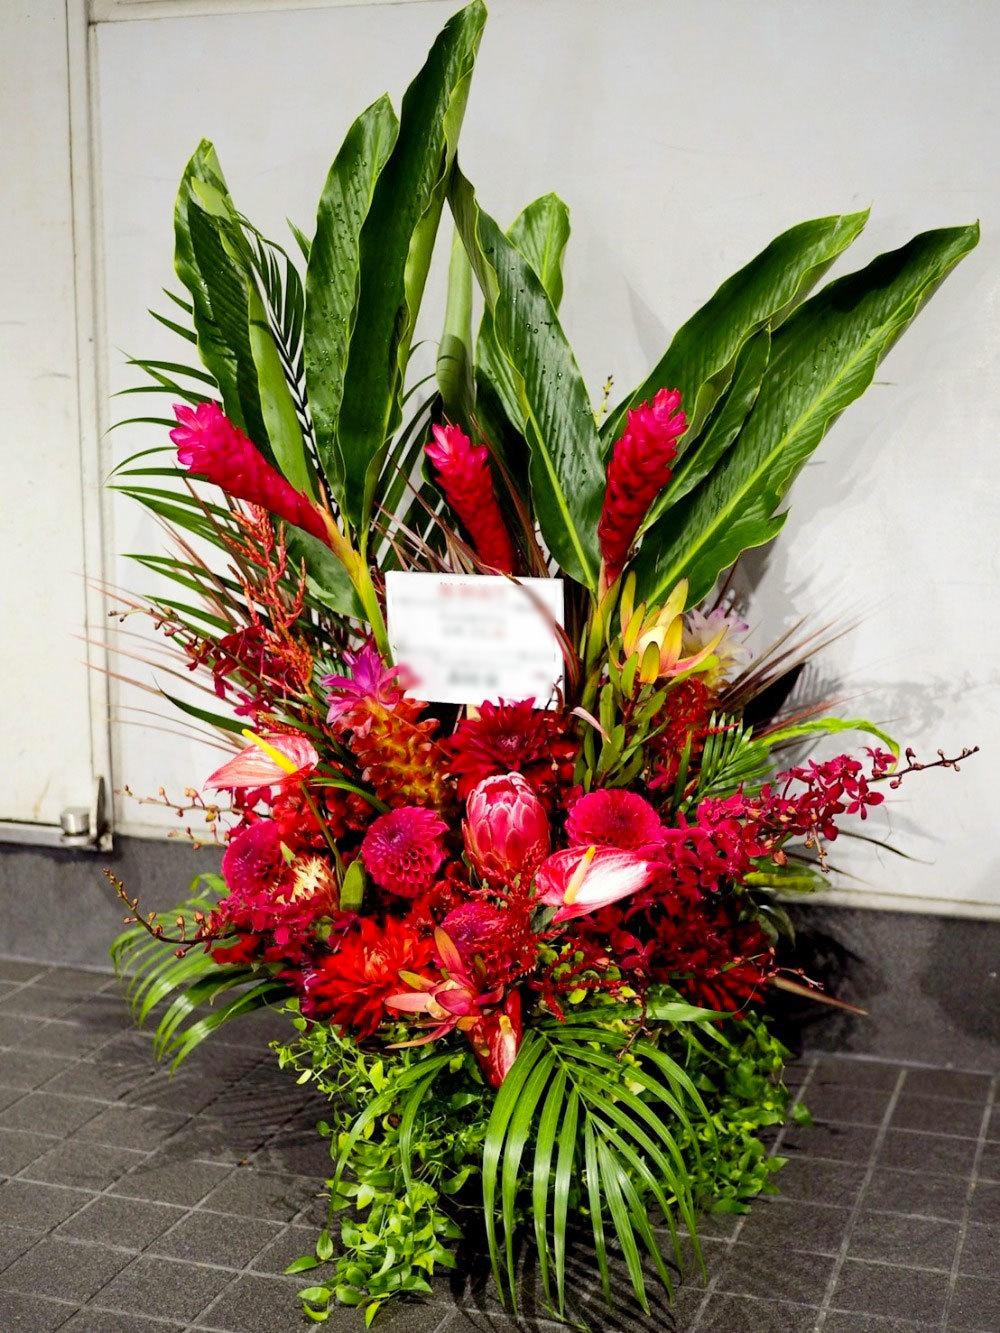 映像制作会社さまへ豪華で目立つ上場祝い花